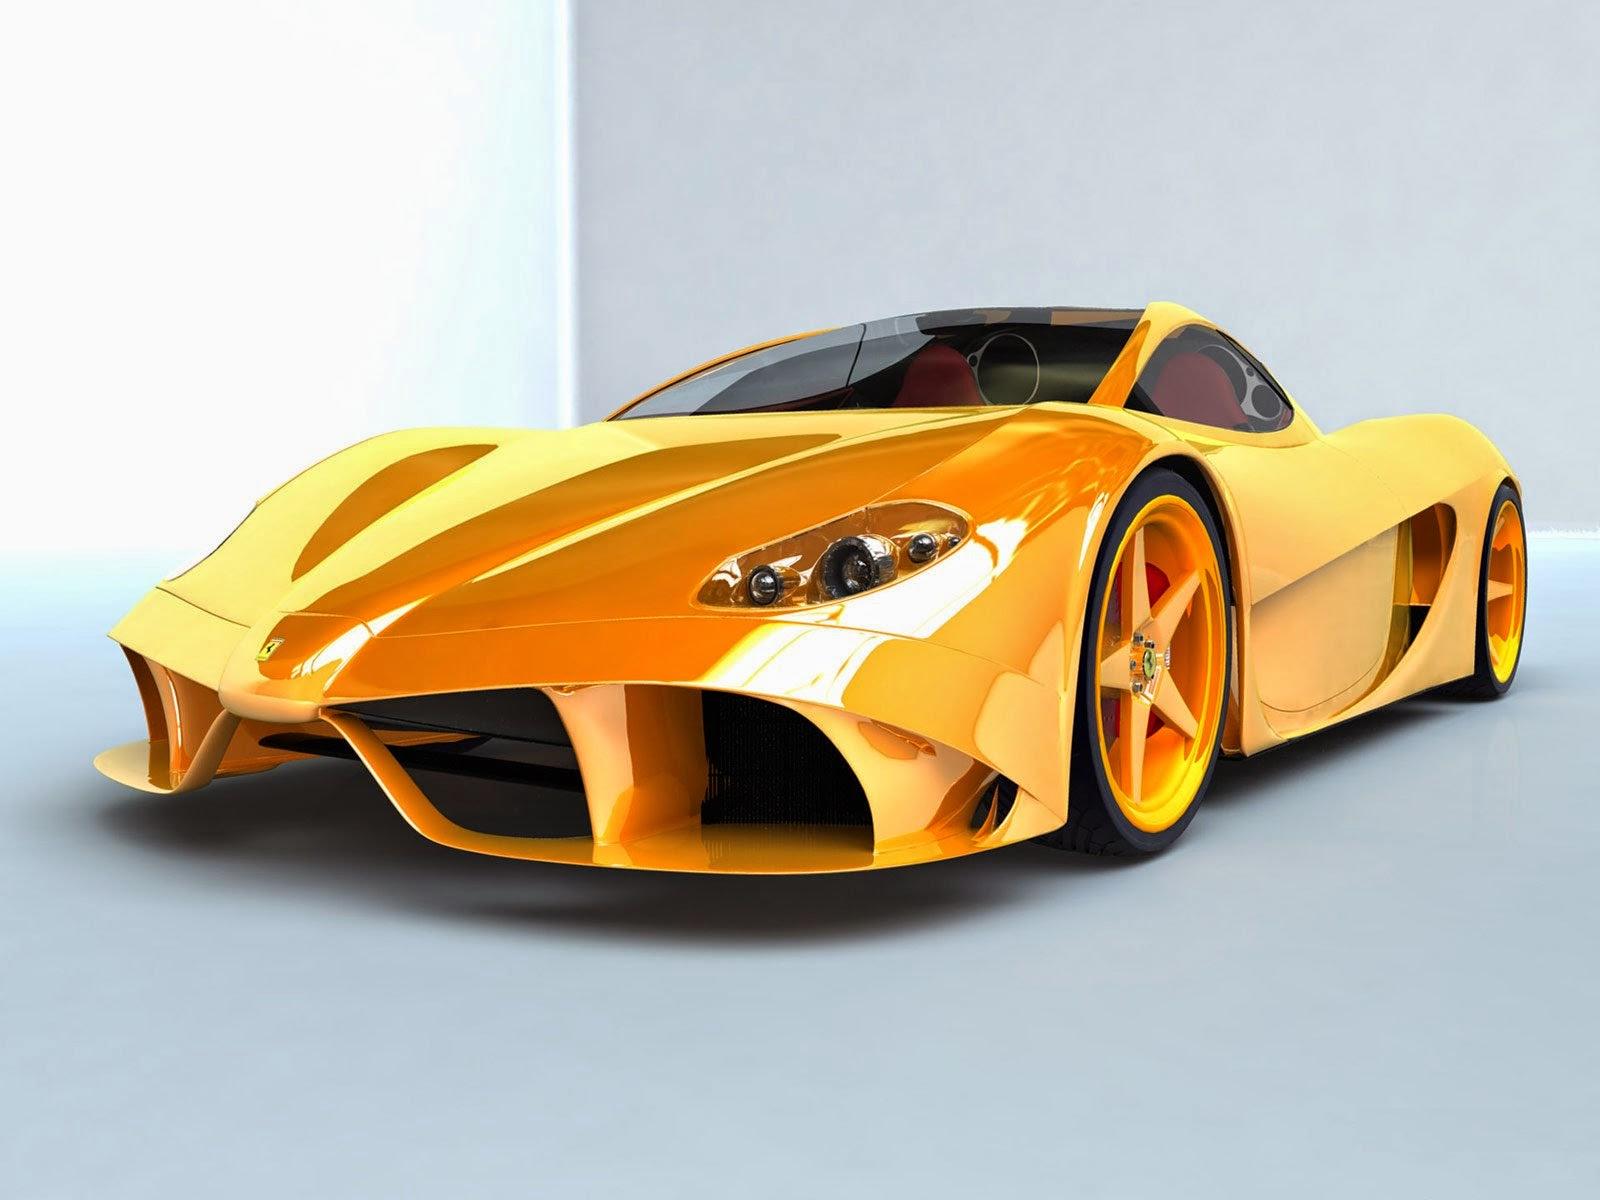 Ferrari Yellow Color Car Wallpapers